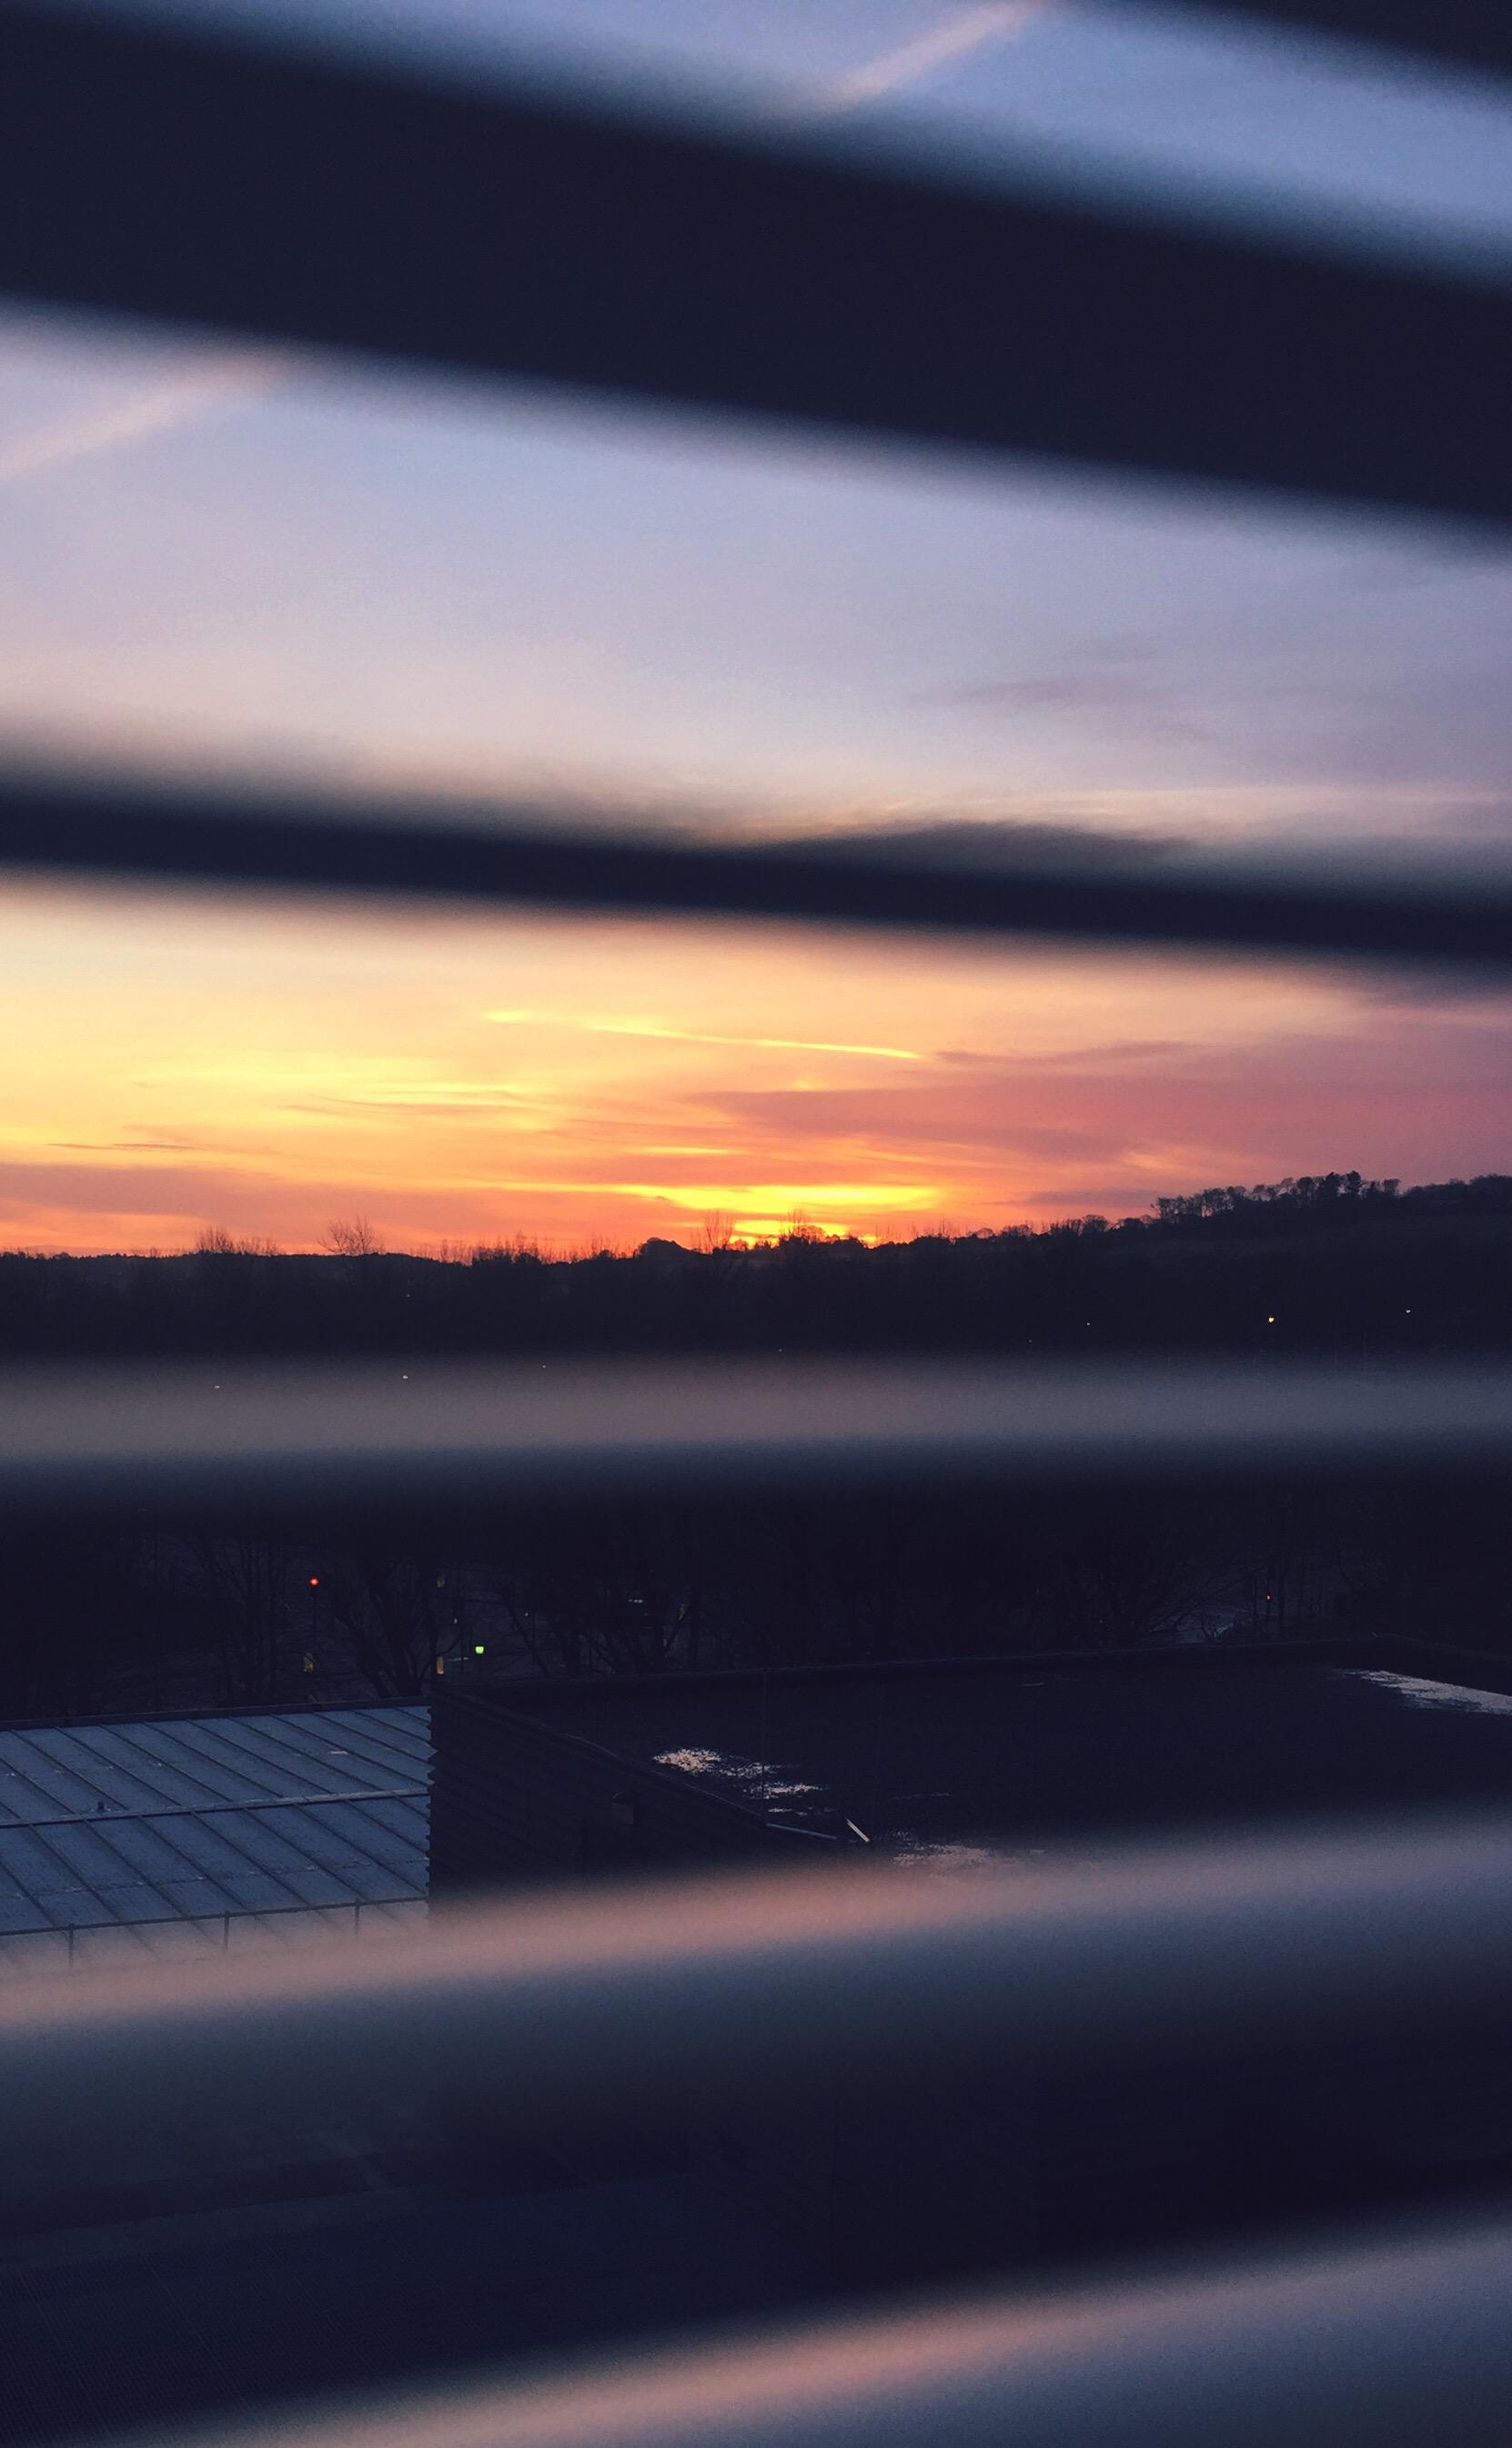 #1: Daybreak